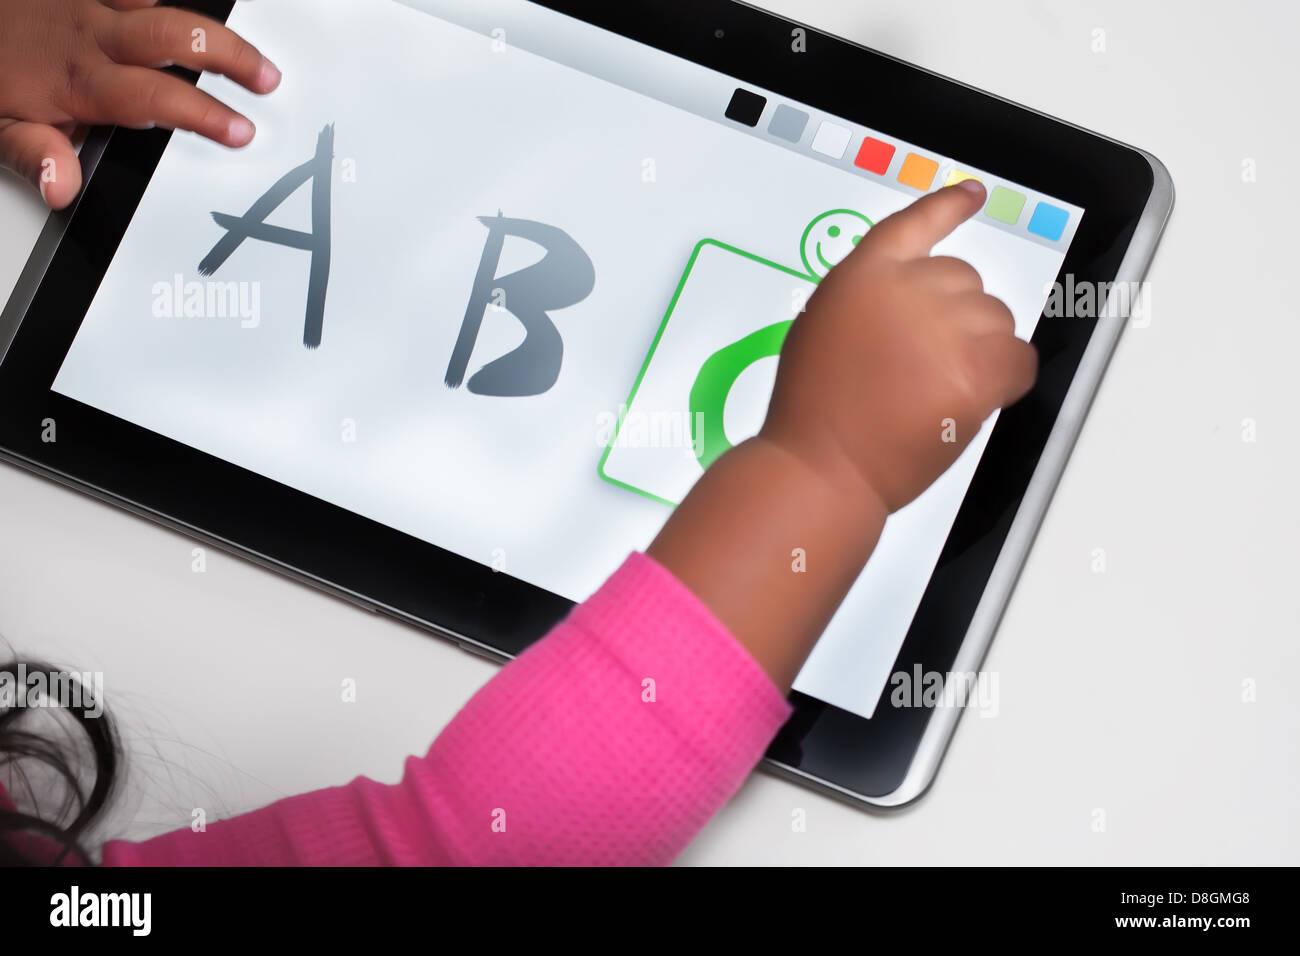 De la mano de un niño en una tableta táctil con software educativo. Imagen De Stock